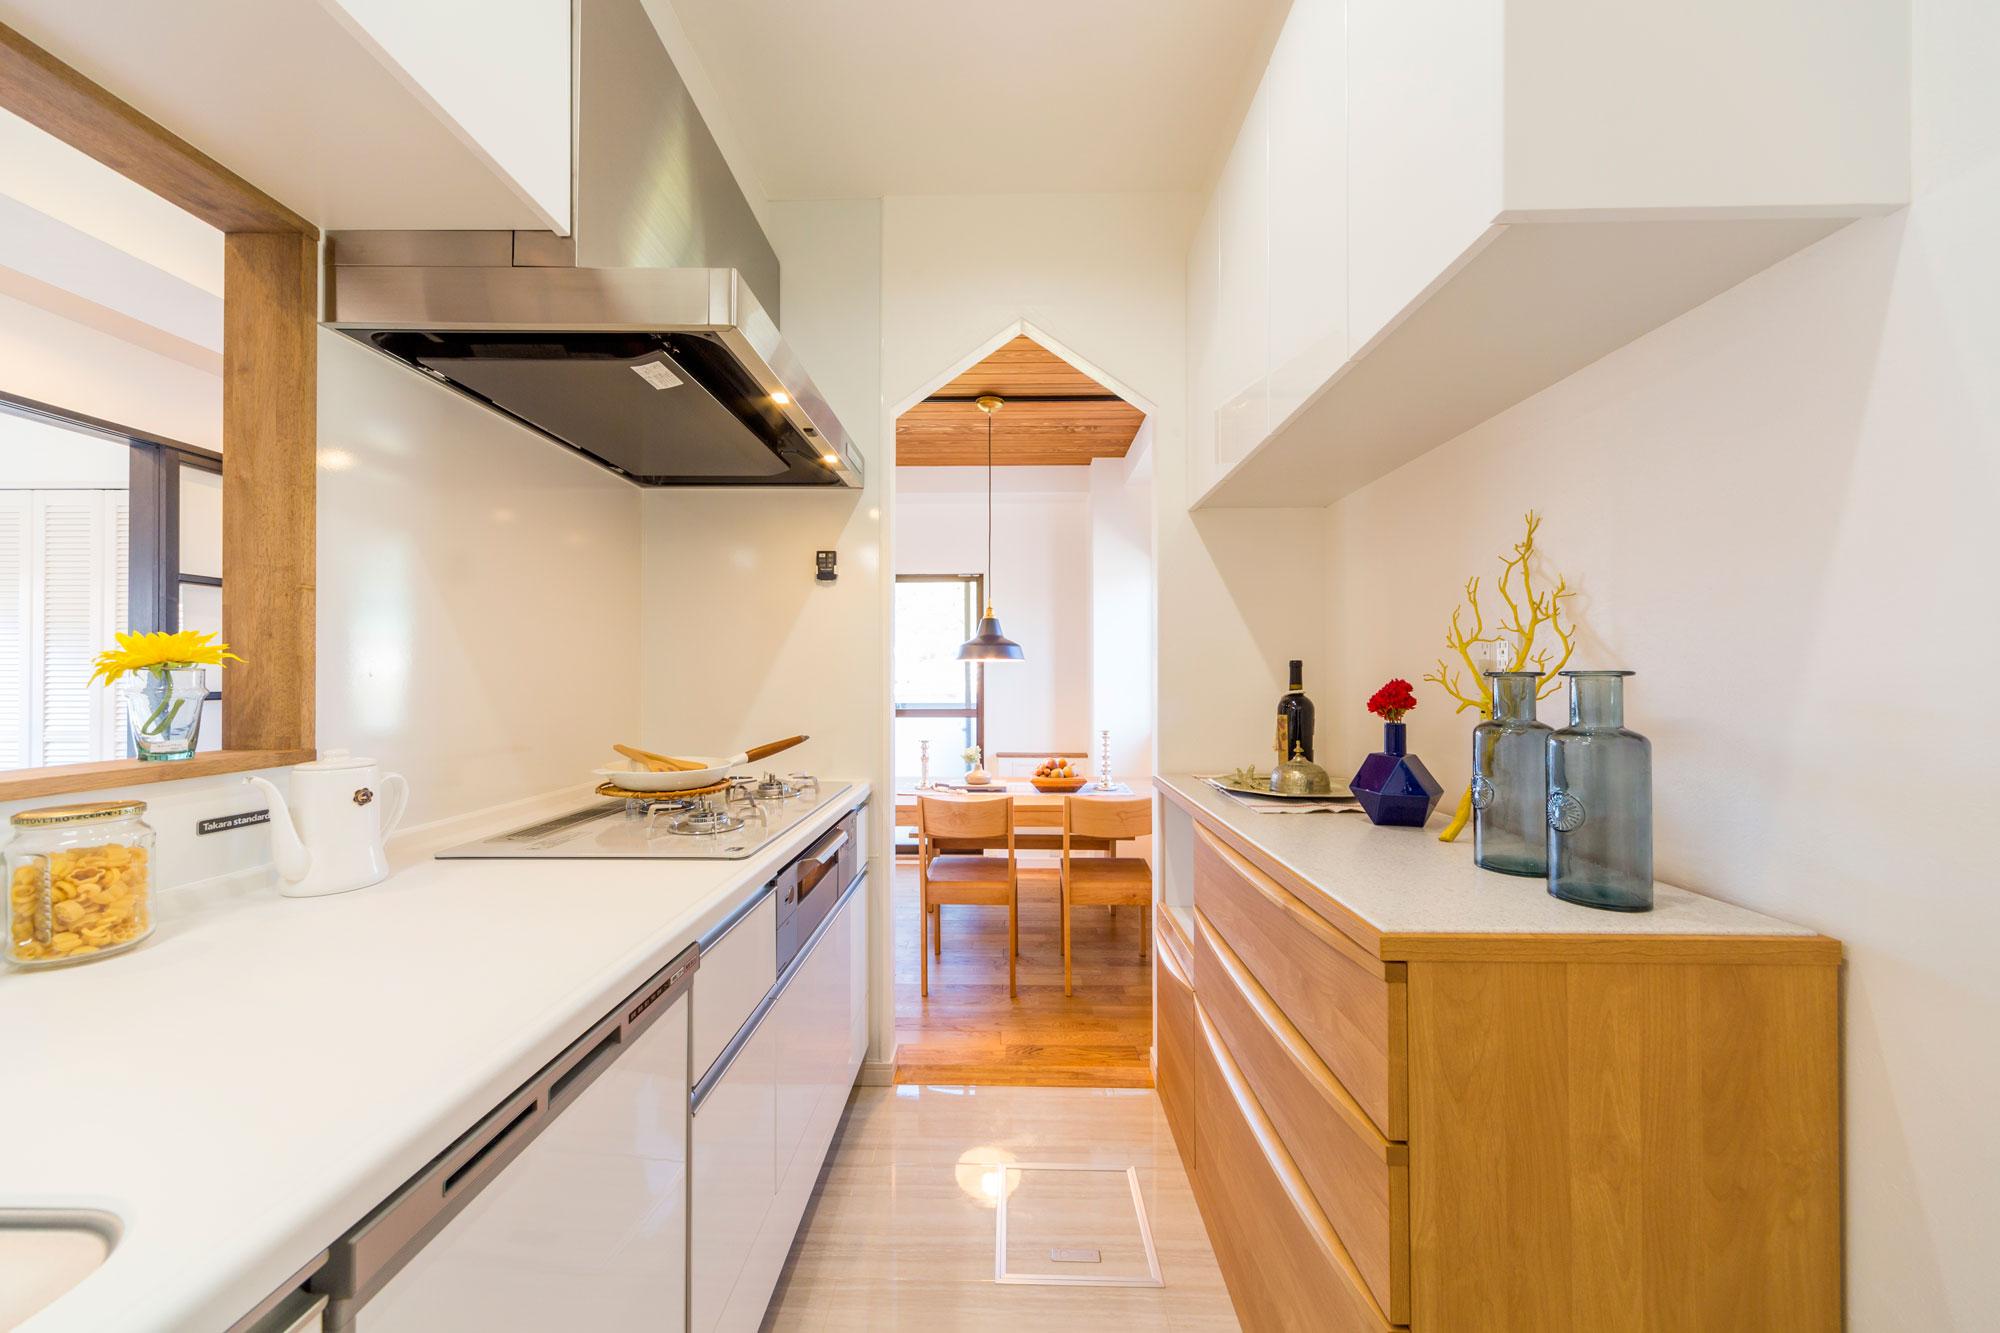 リビング側にカウンター、ダイニング側に開口部を設置。独立性と開放性を両立したキッチン。